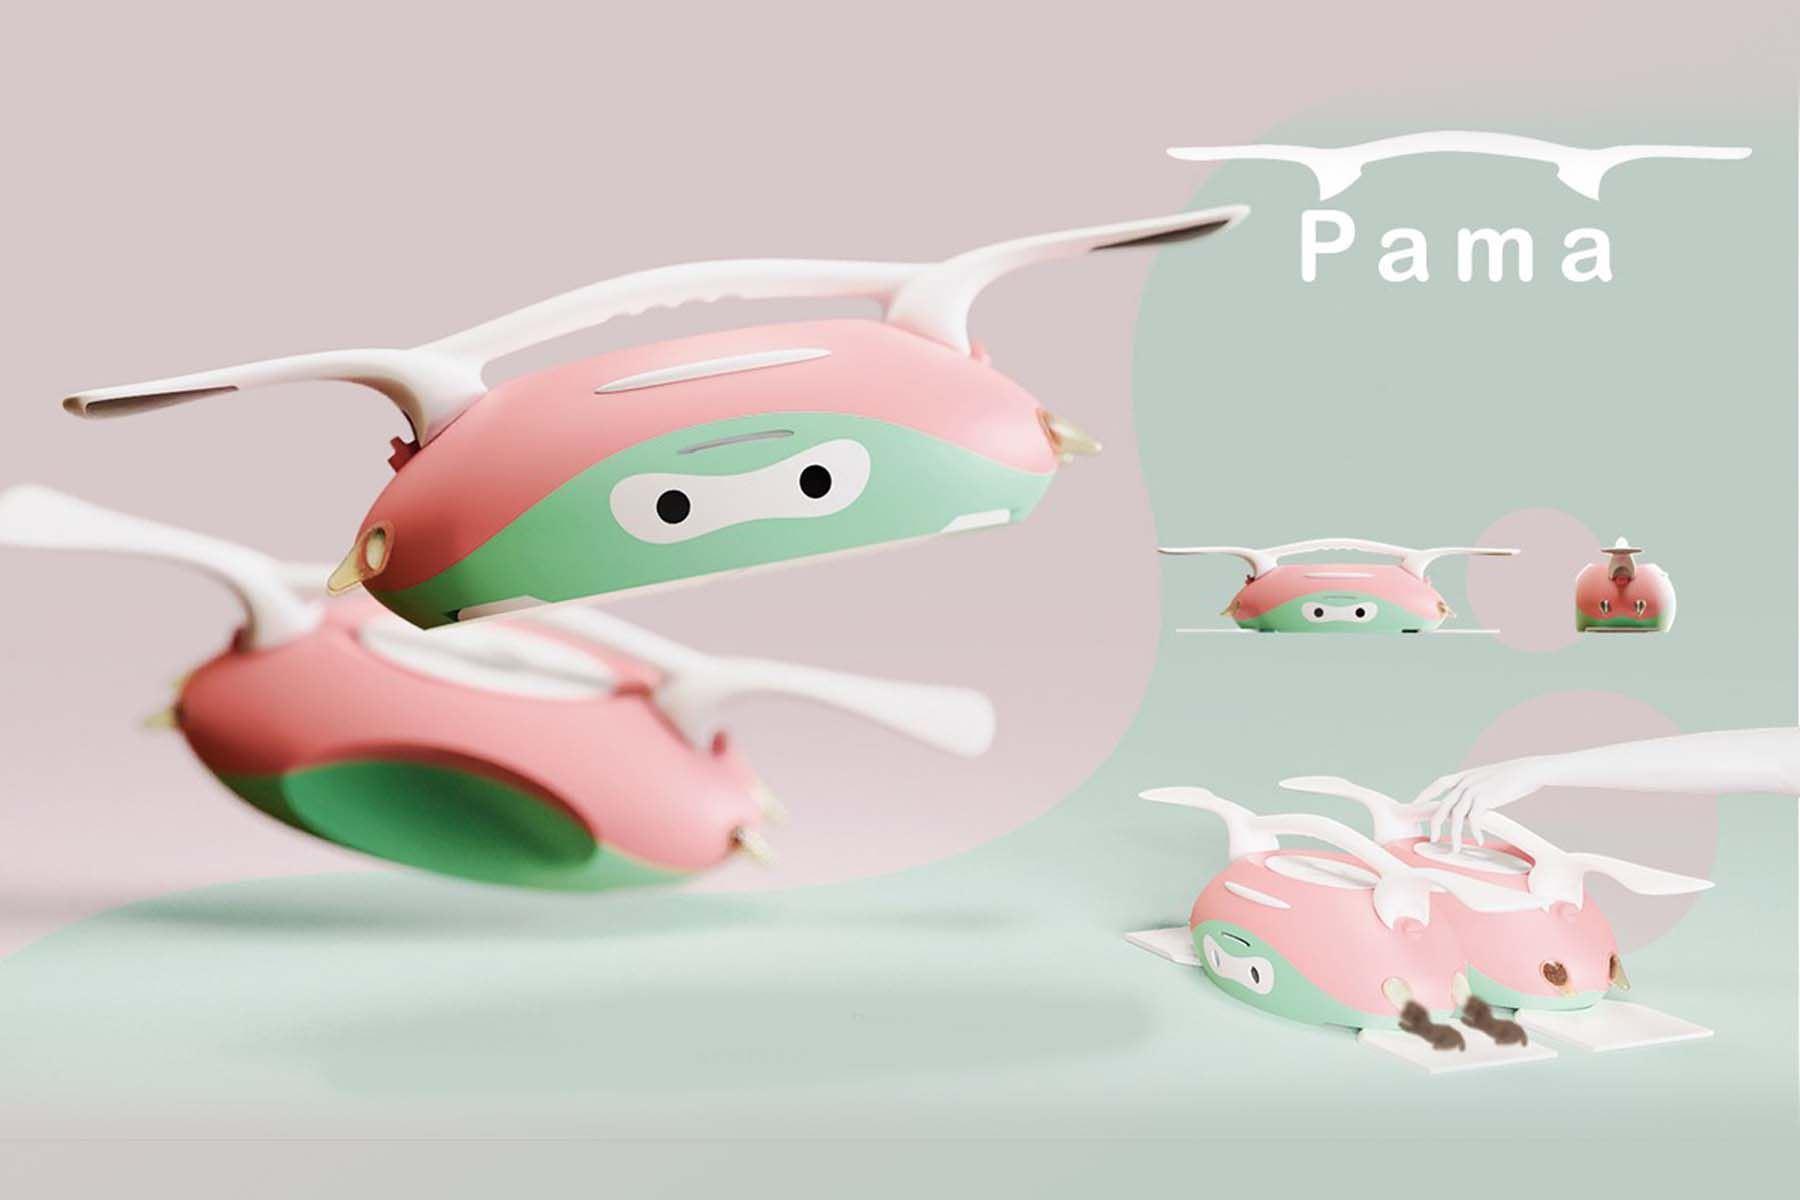 El dispositivo modular de lactancia artificial para la cría de mamíferos fue denominado PAMA. Foto: UPN